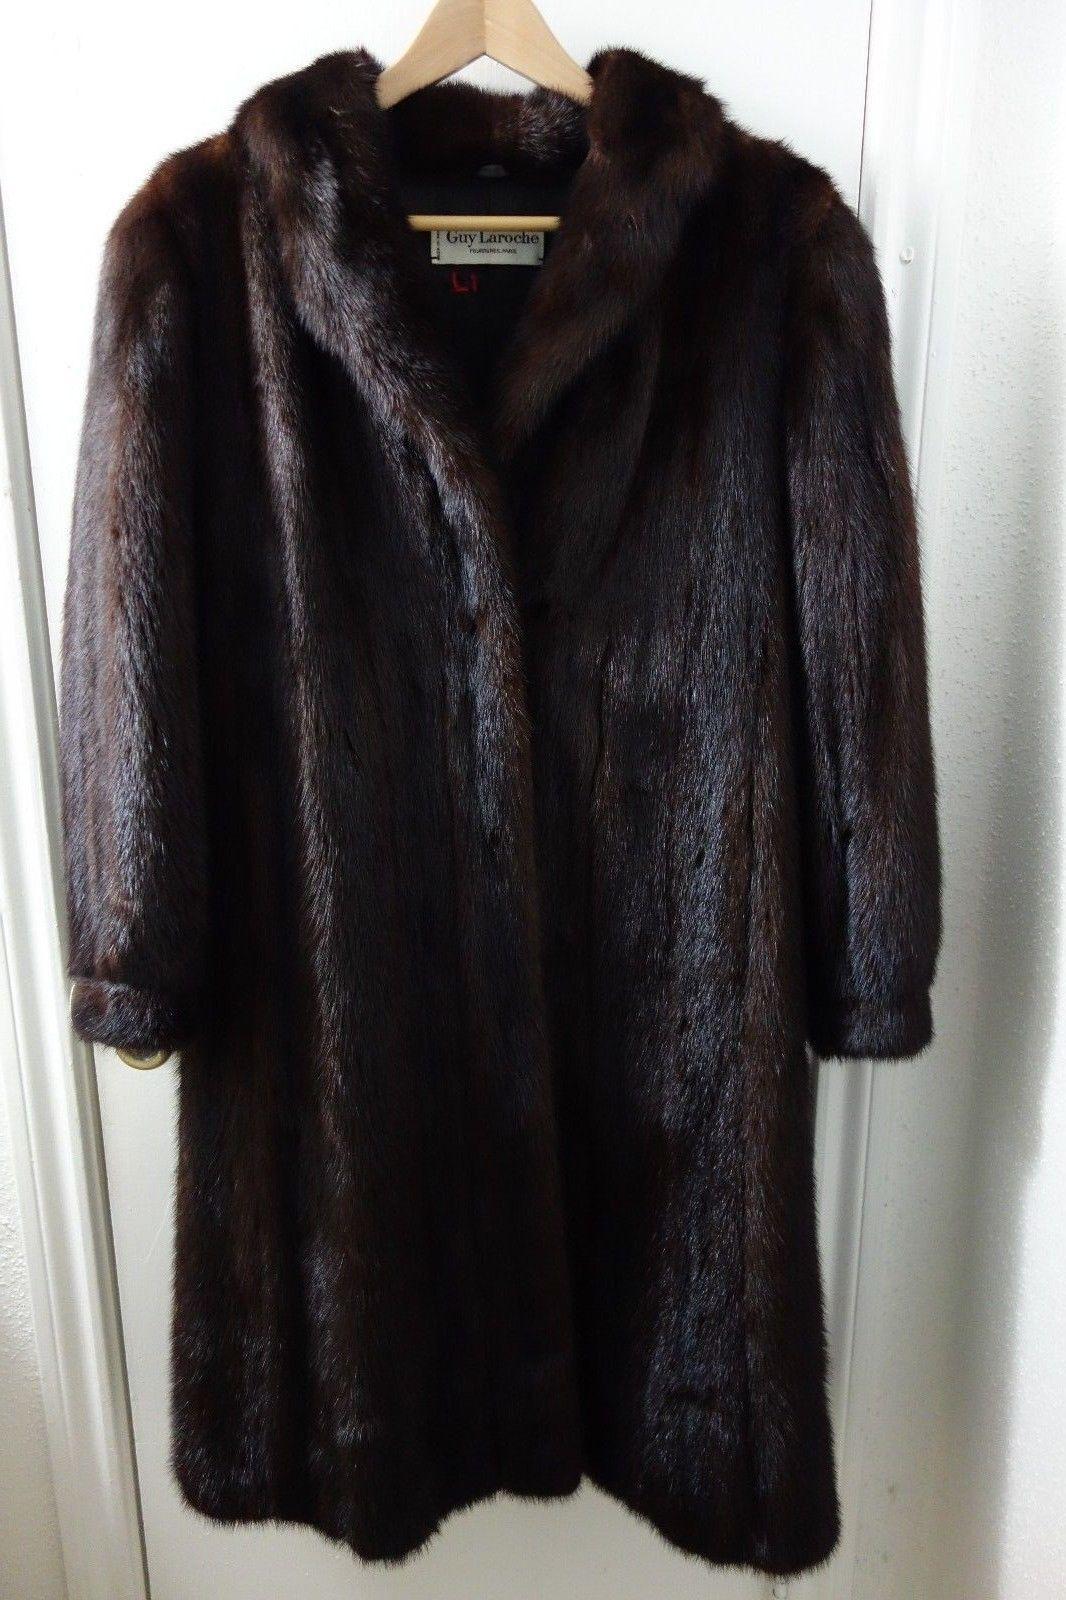 GUY LAROCHE BROWN MINK FUR STROLLER COAT FULL LENGTH BUTTON DOWN